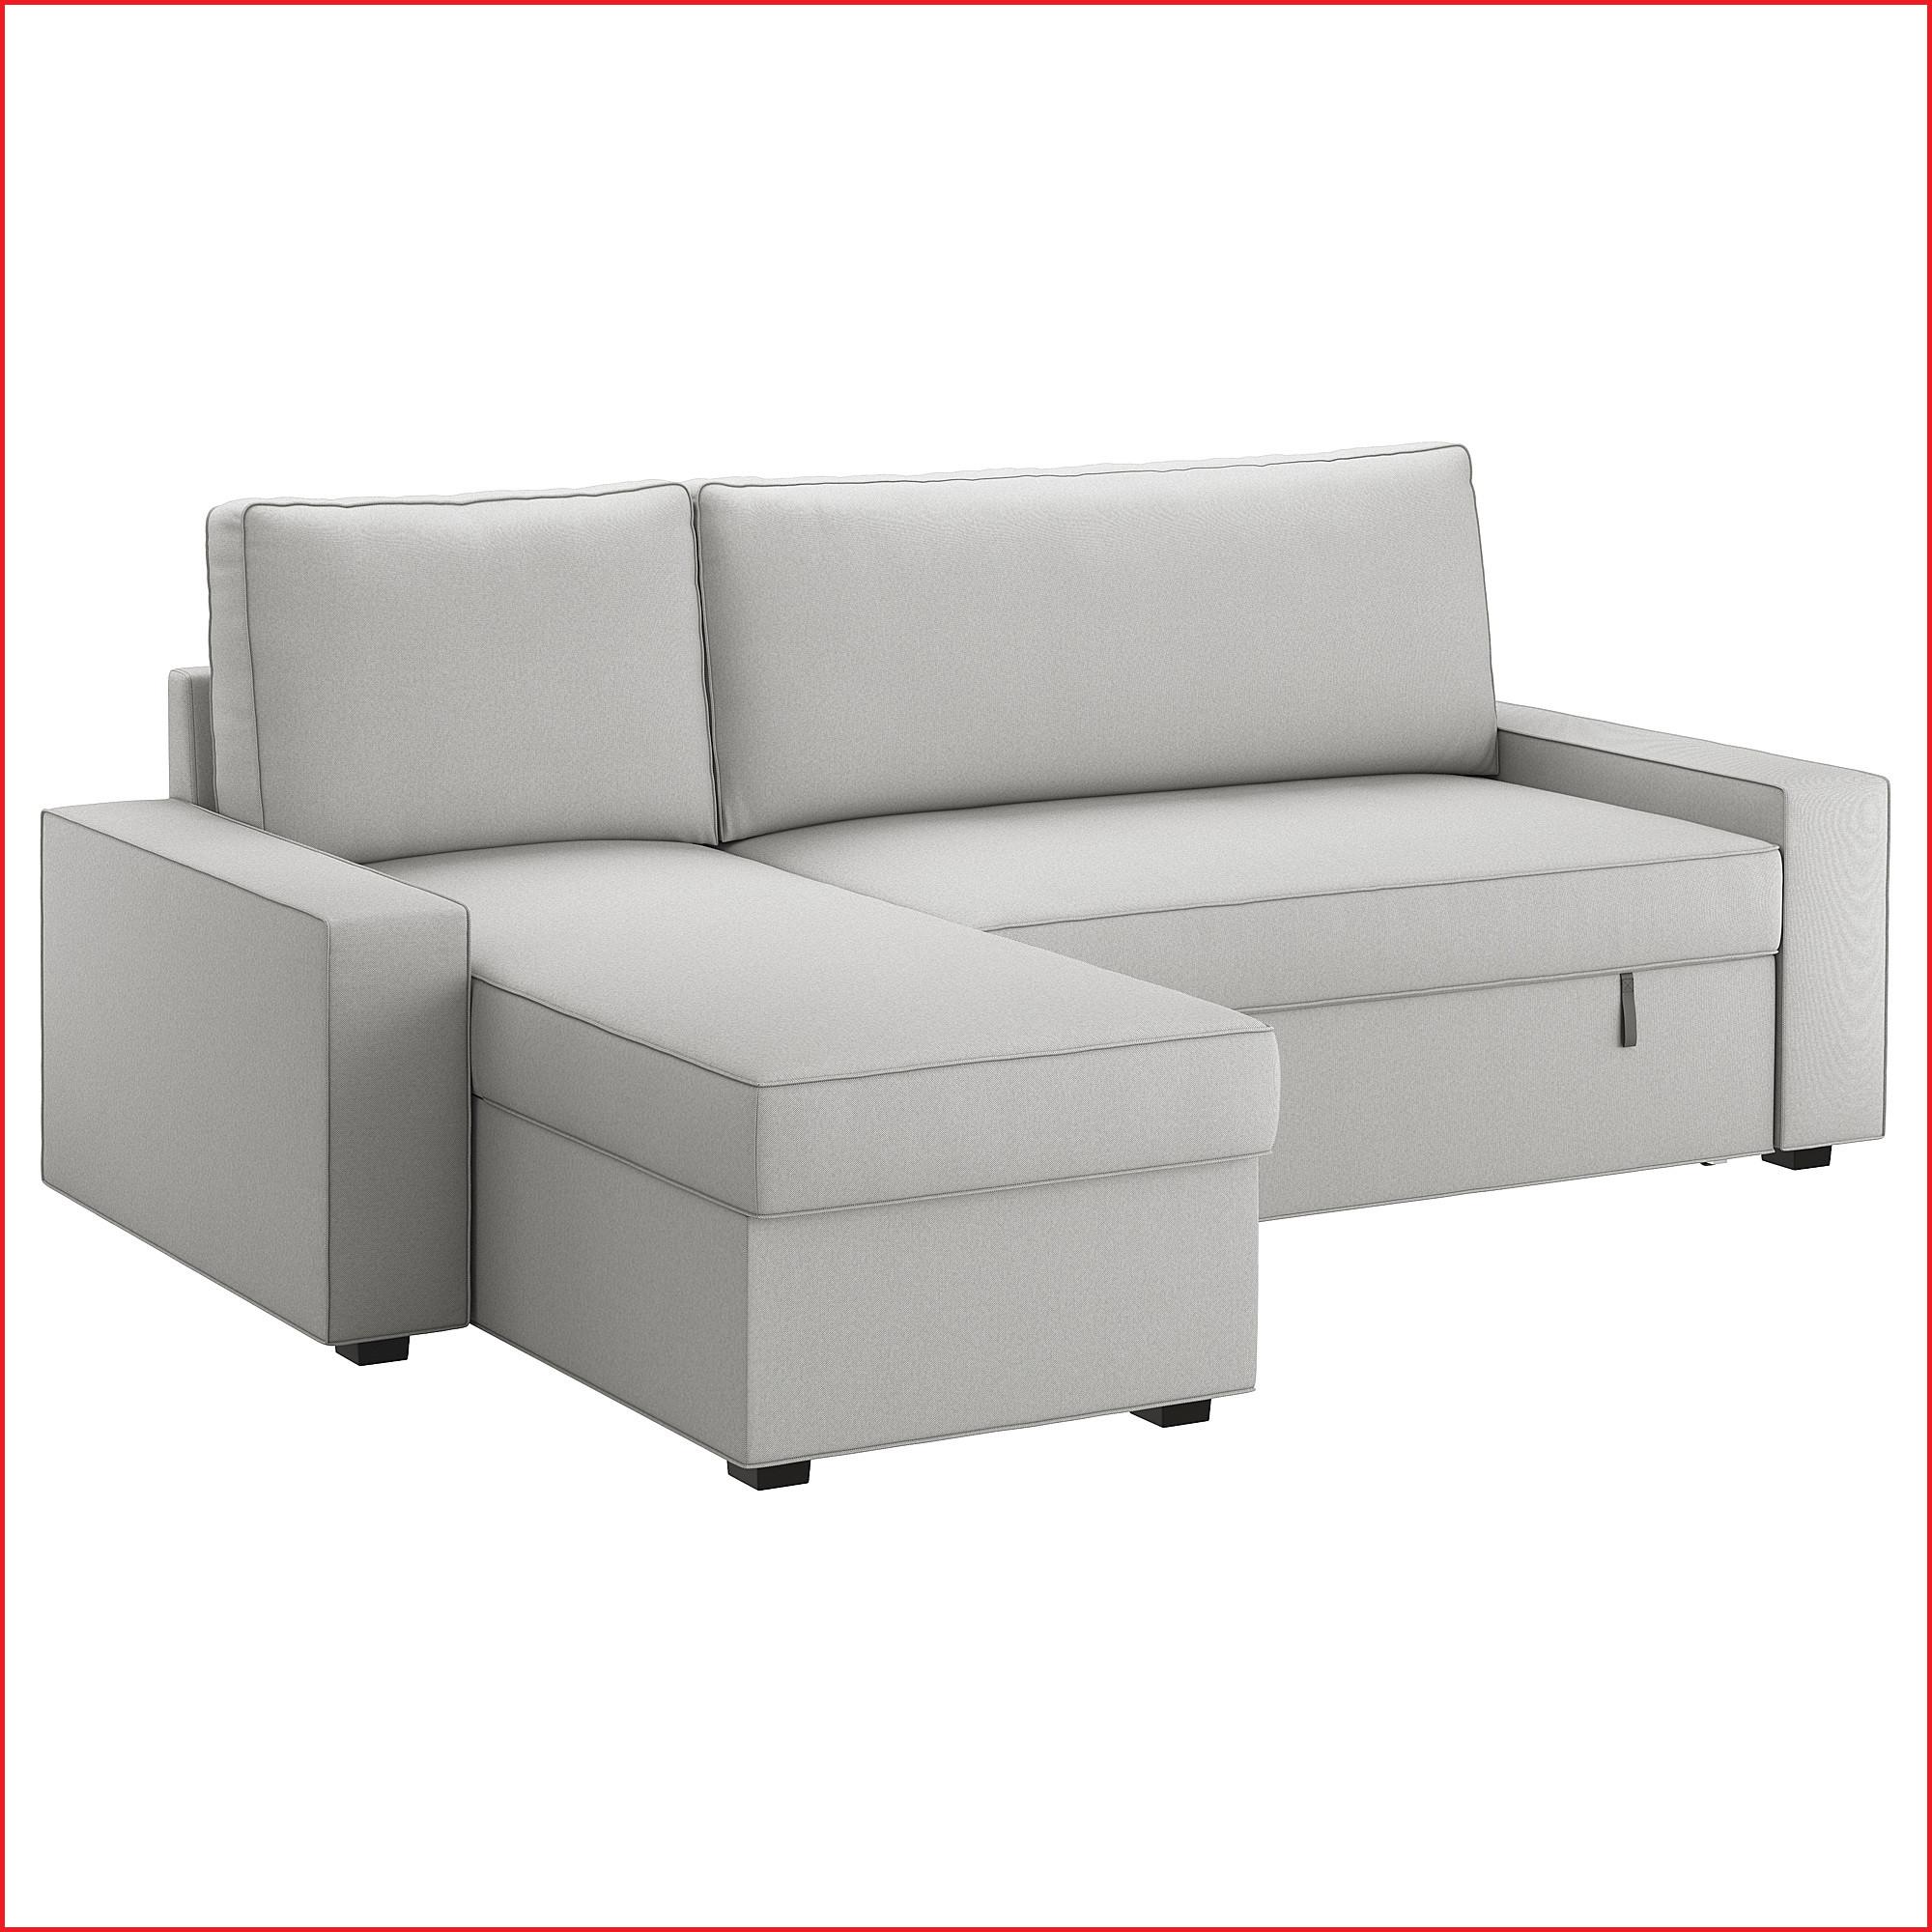 Sofas Baratos Ikea Budm Ikea sofas Cama Baratos sofà S Cama Y Sillones Cama